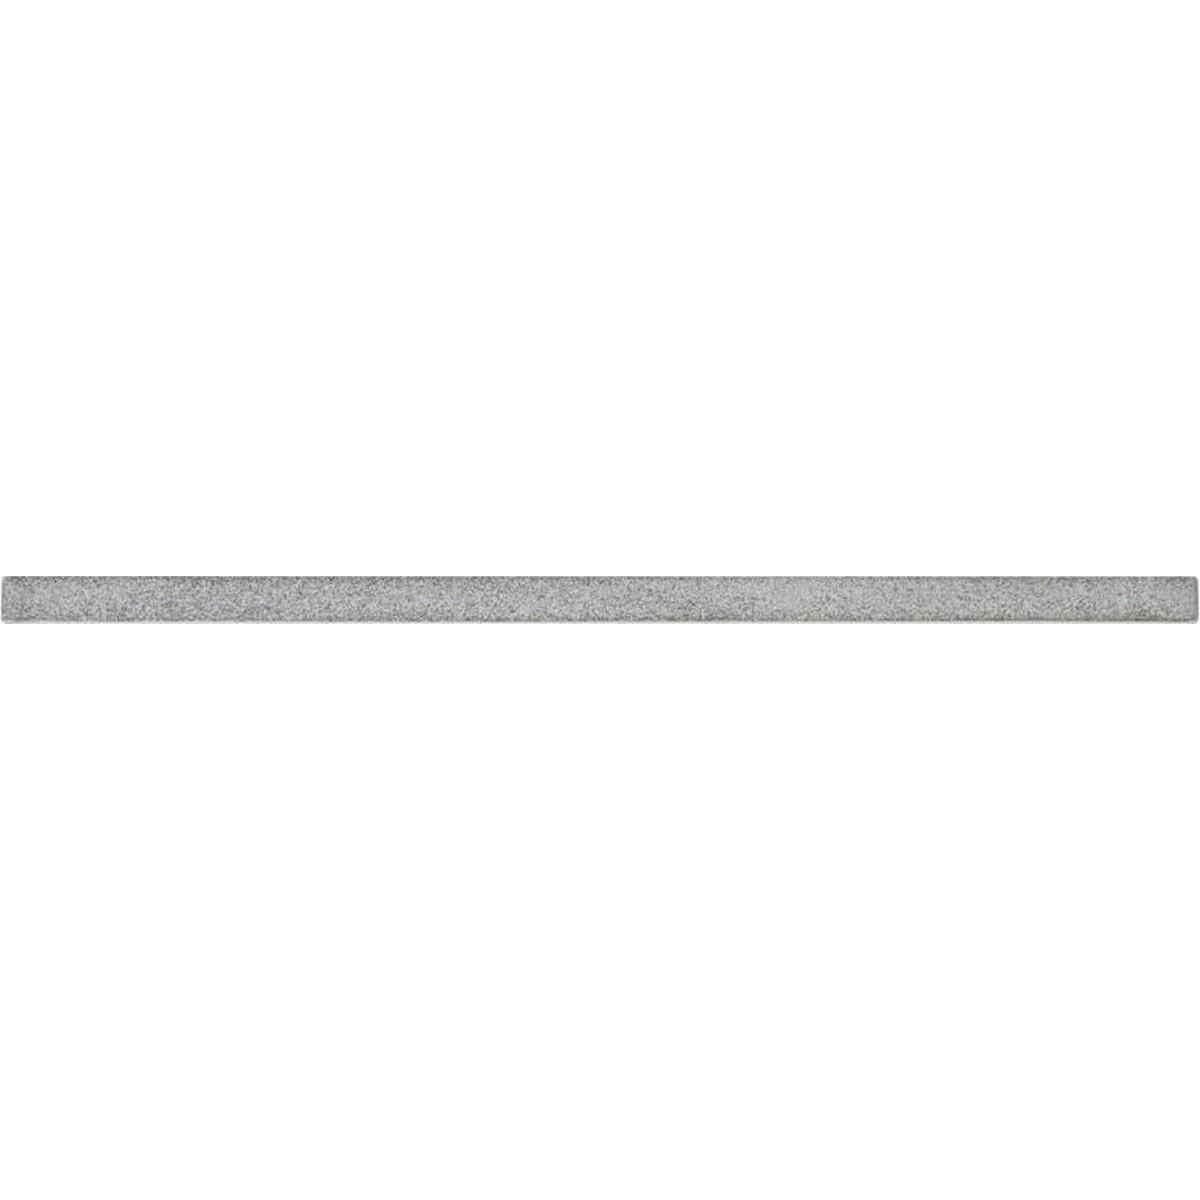 Декор «Листелло» 1х25 см цвет серый